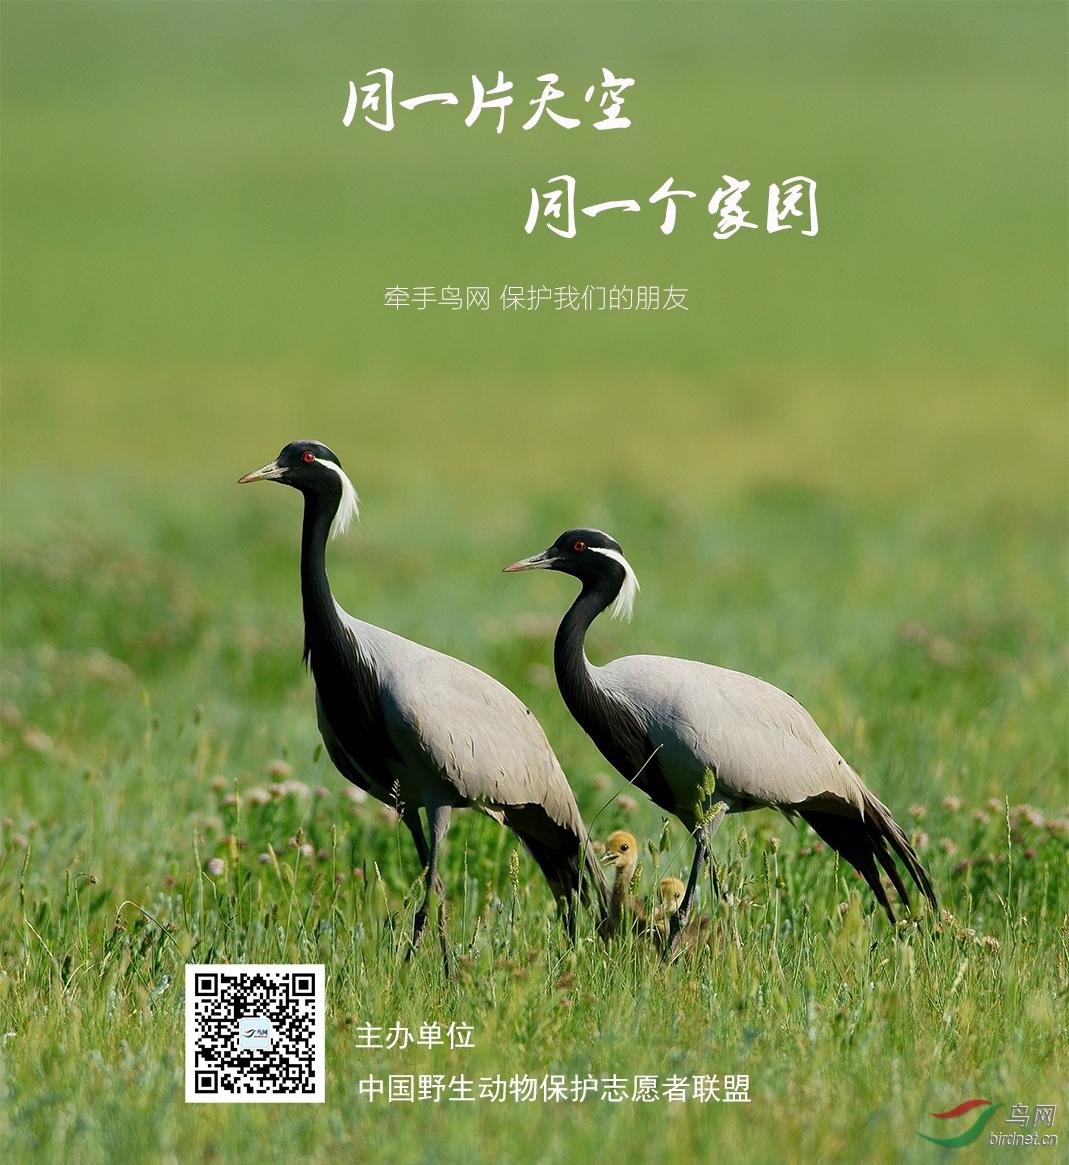 龙在上(鸟网ID).jpg